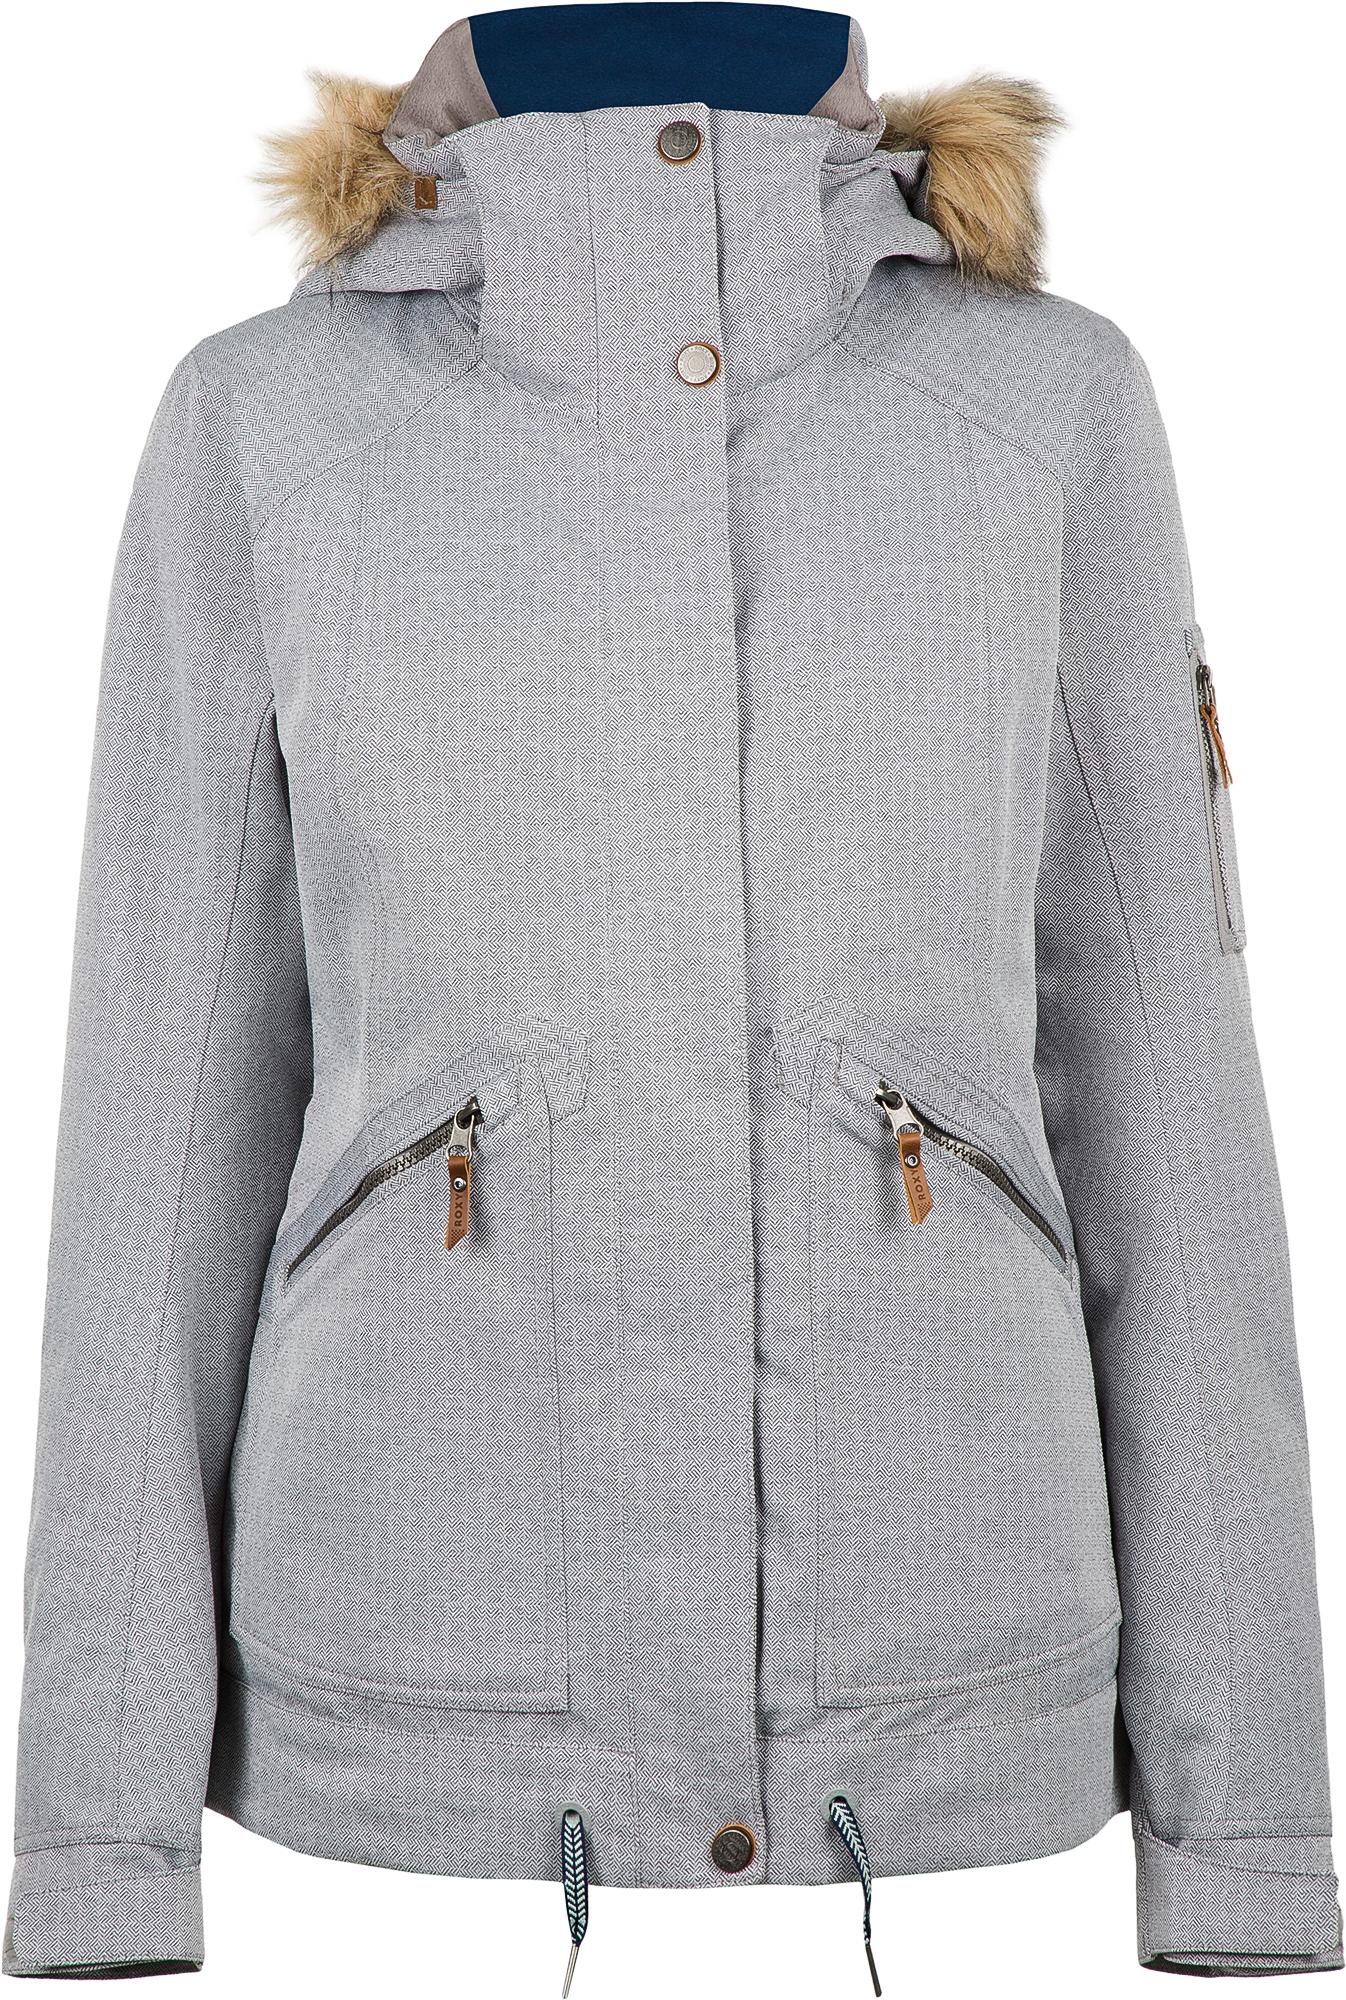 цена на Roxy Куртка женская Roxy, размер 46-48